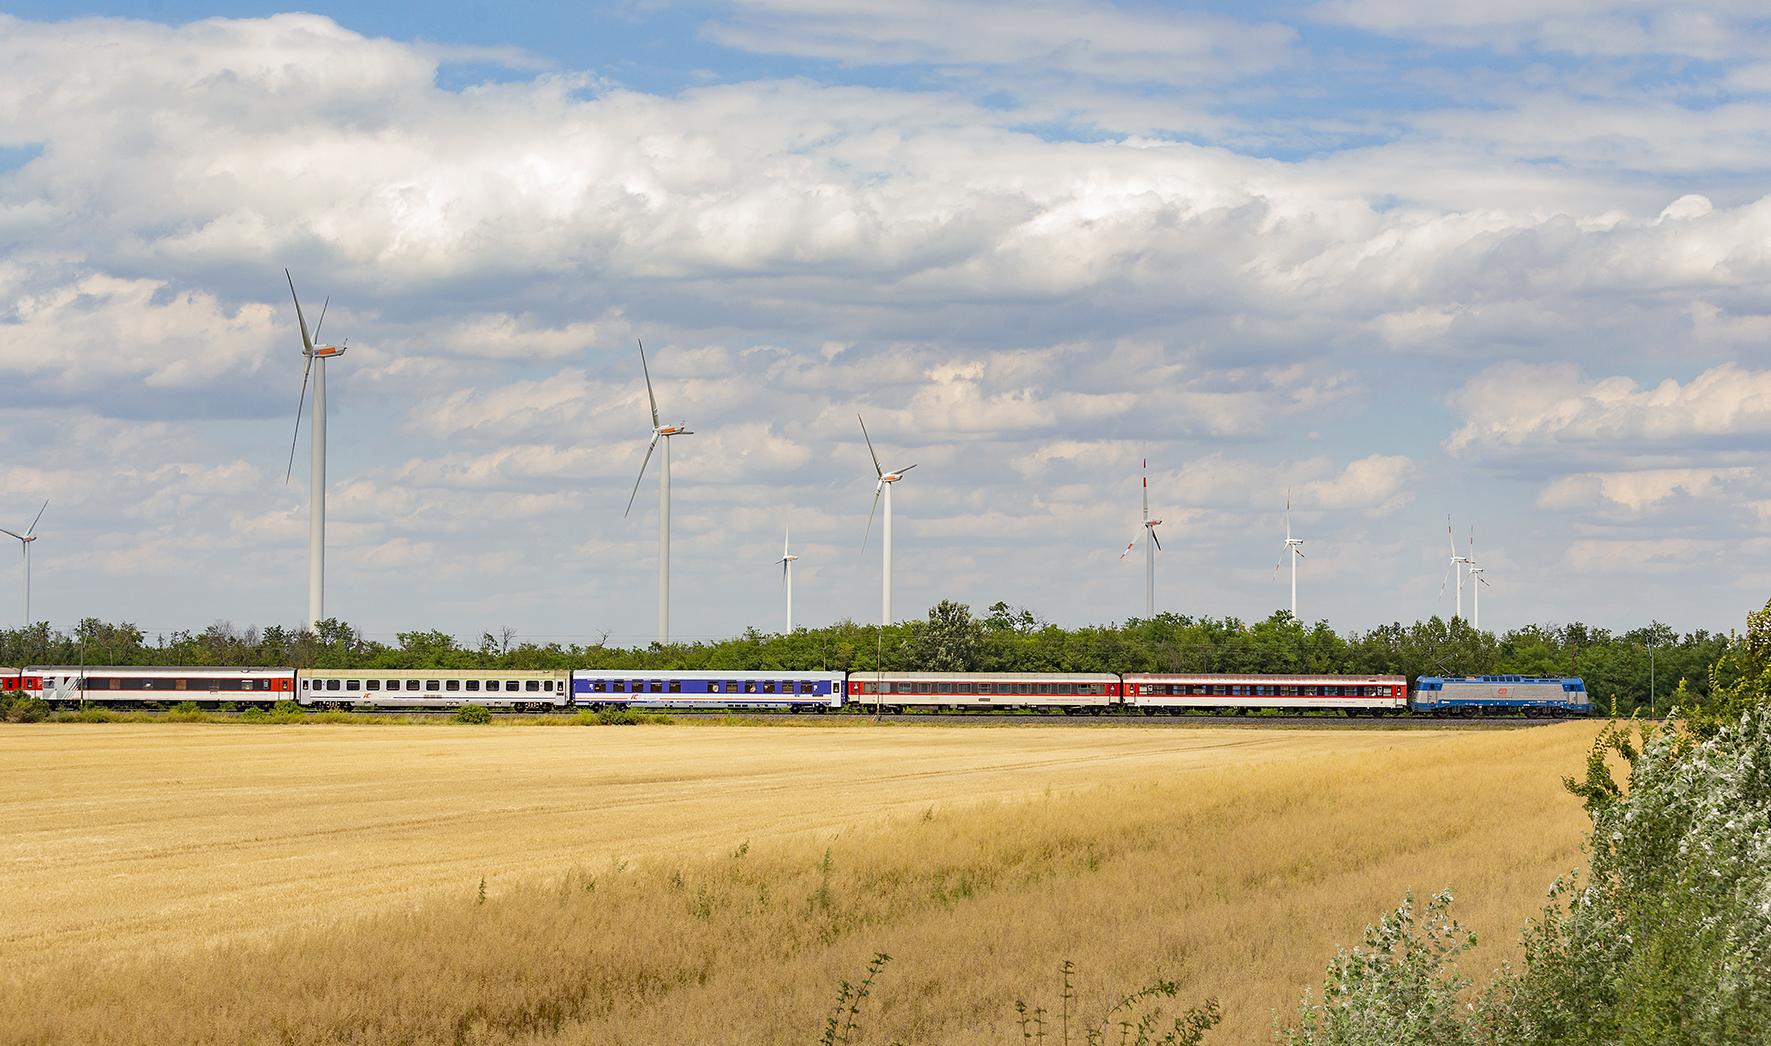 """A znovu tu máme súpravu vlaku EuroNight 477, tentoraz ako dve hodiny zmeškaný vlak EC 275 Metropolitan. Súprava od vlaku EC 275 ostala v Rajke, cestujúci prestúpili do """"EuroNightu"""". Táto snímka je cenná tým, že na nej rušne radu pravidelne 380 ČD nejazdia, ani rad 350 a 362 ZSSK. Snímka je z úseku Hegyeshalom - Mosonmagyarovár na hlavnej trati 1 MÁV."""